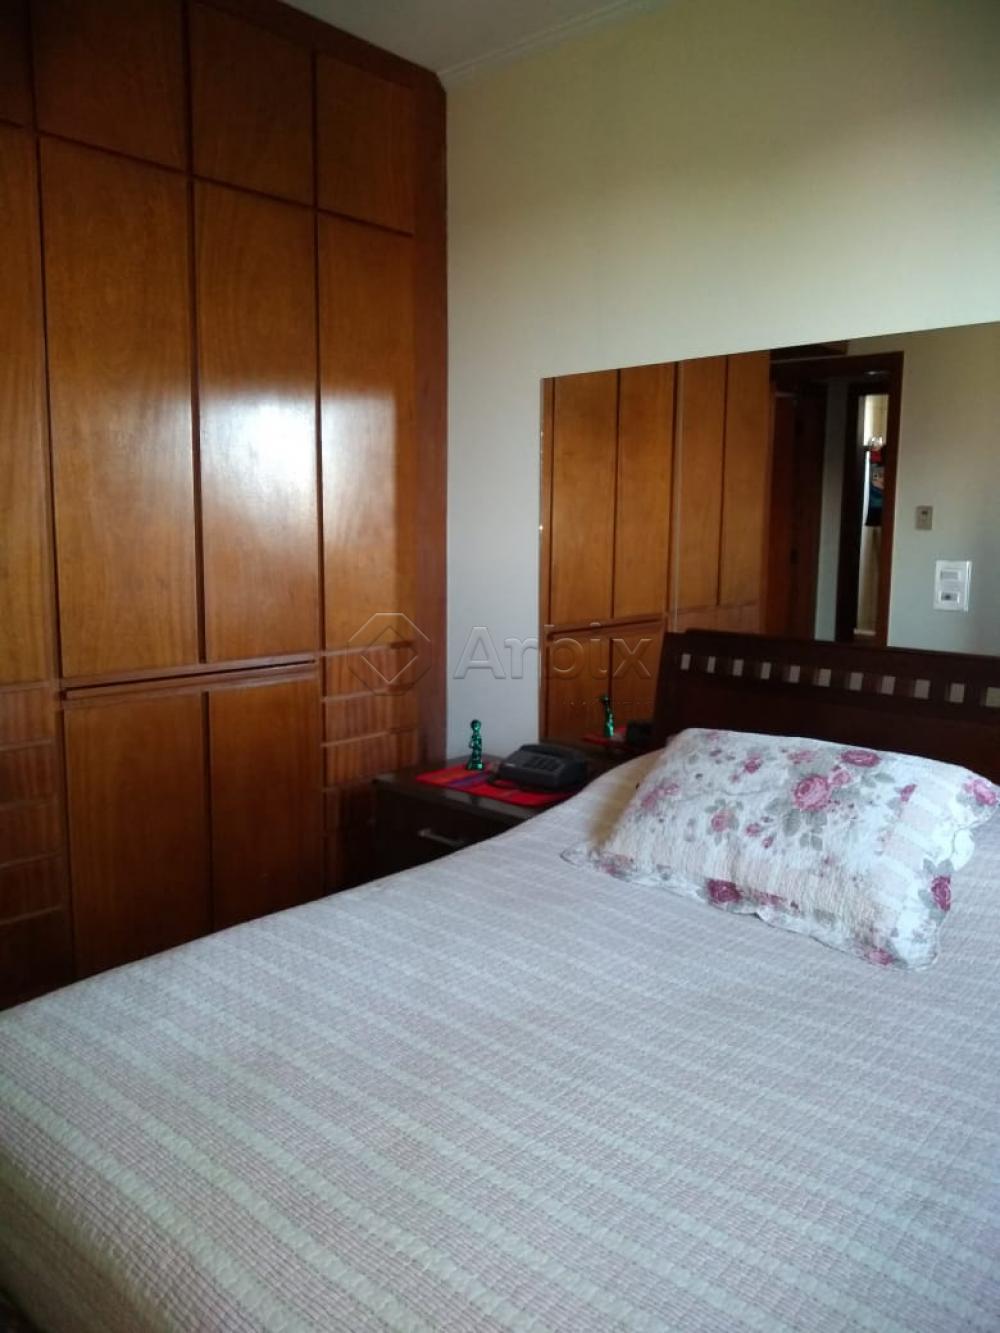 Comprar Apartamento / Padrão em Americana apenas R$ 280.000,00 - Foto 15